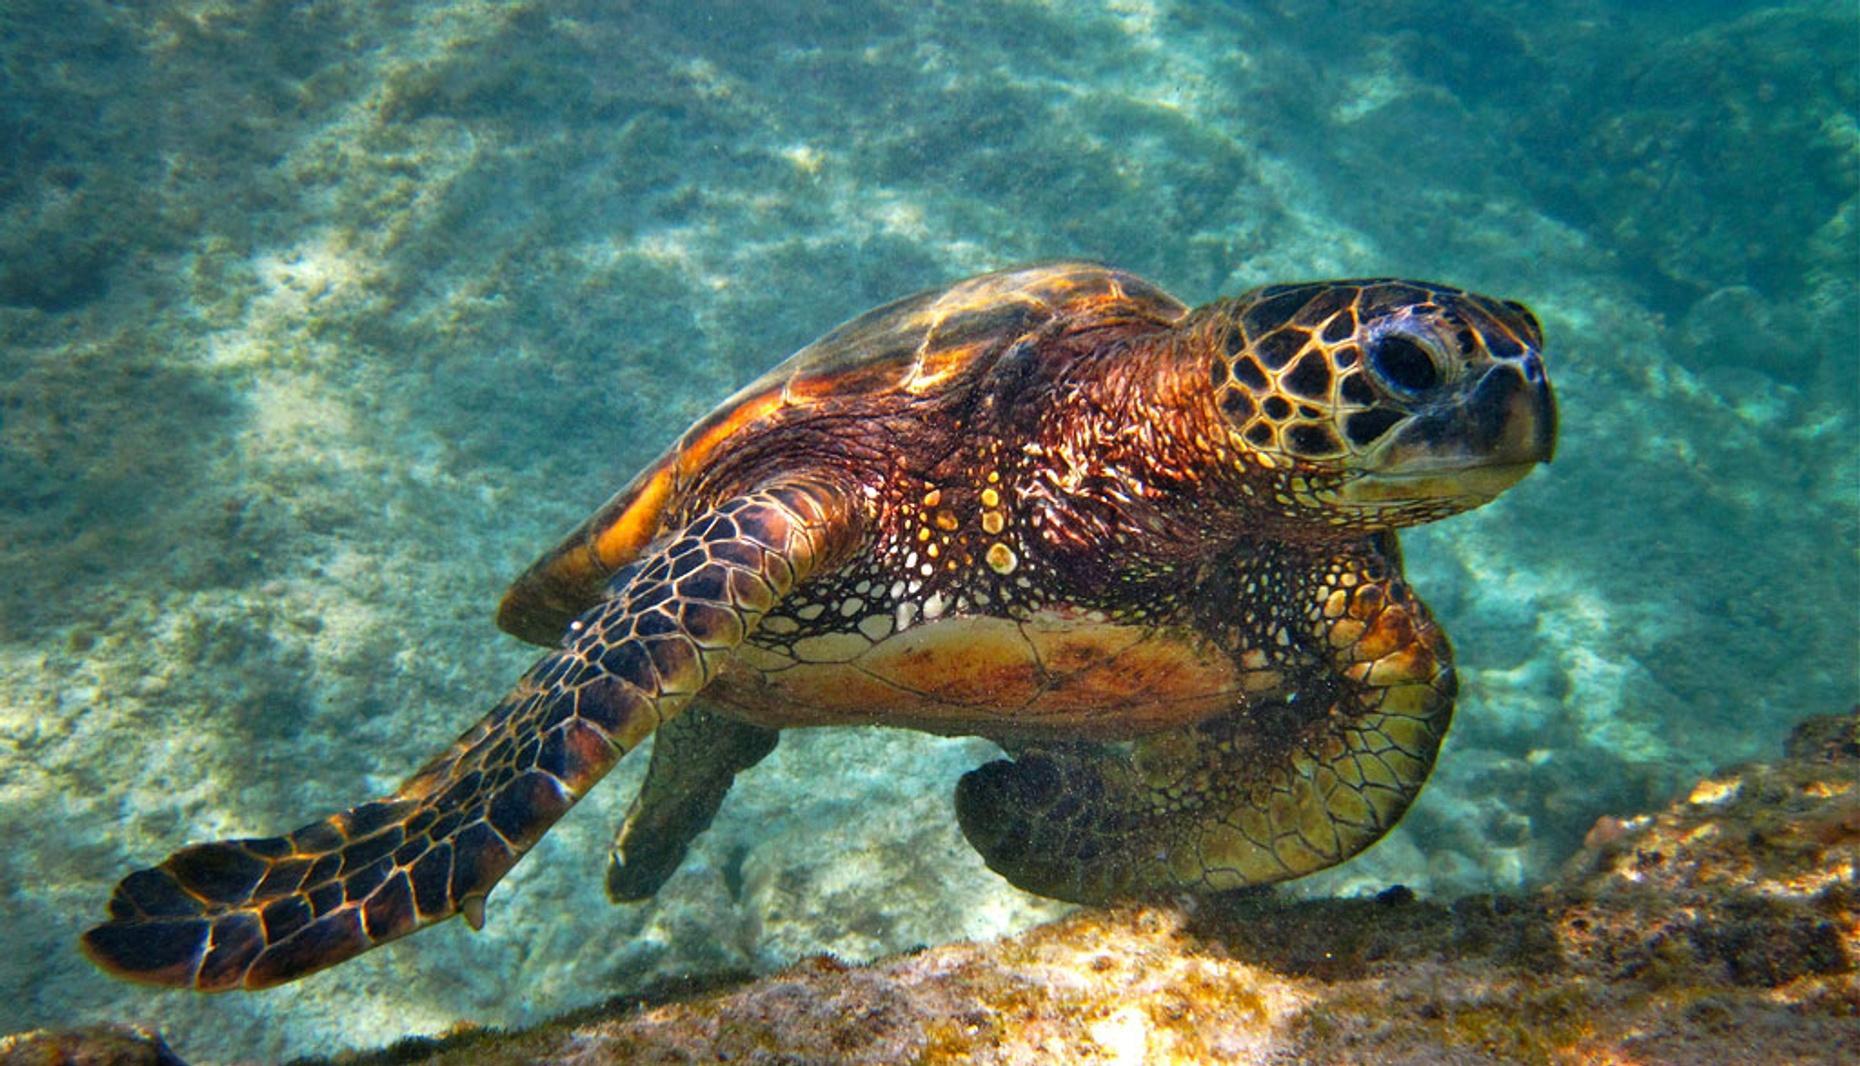 Reef Snorkeling Tour in Nassau